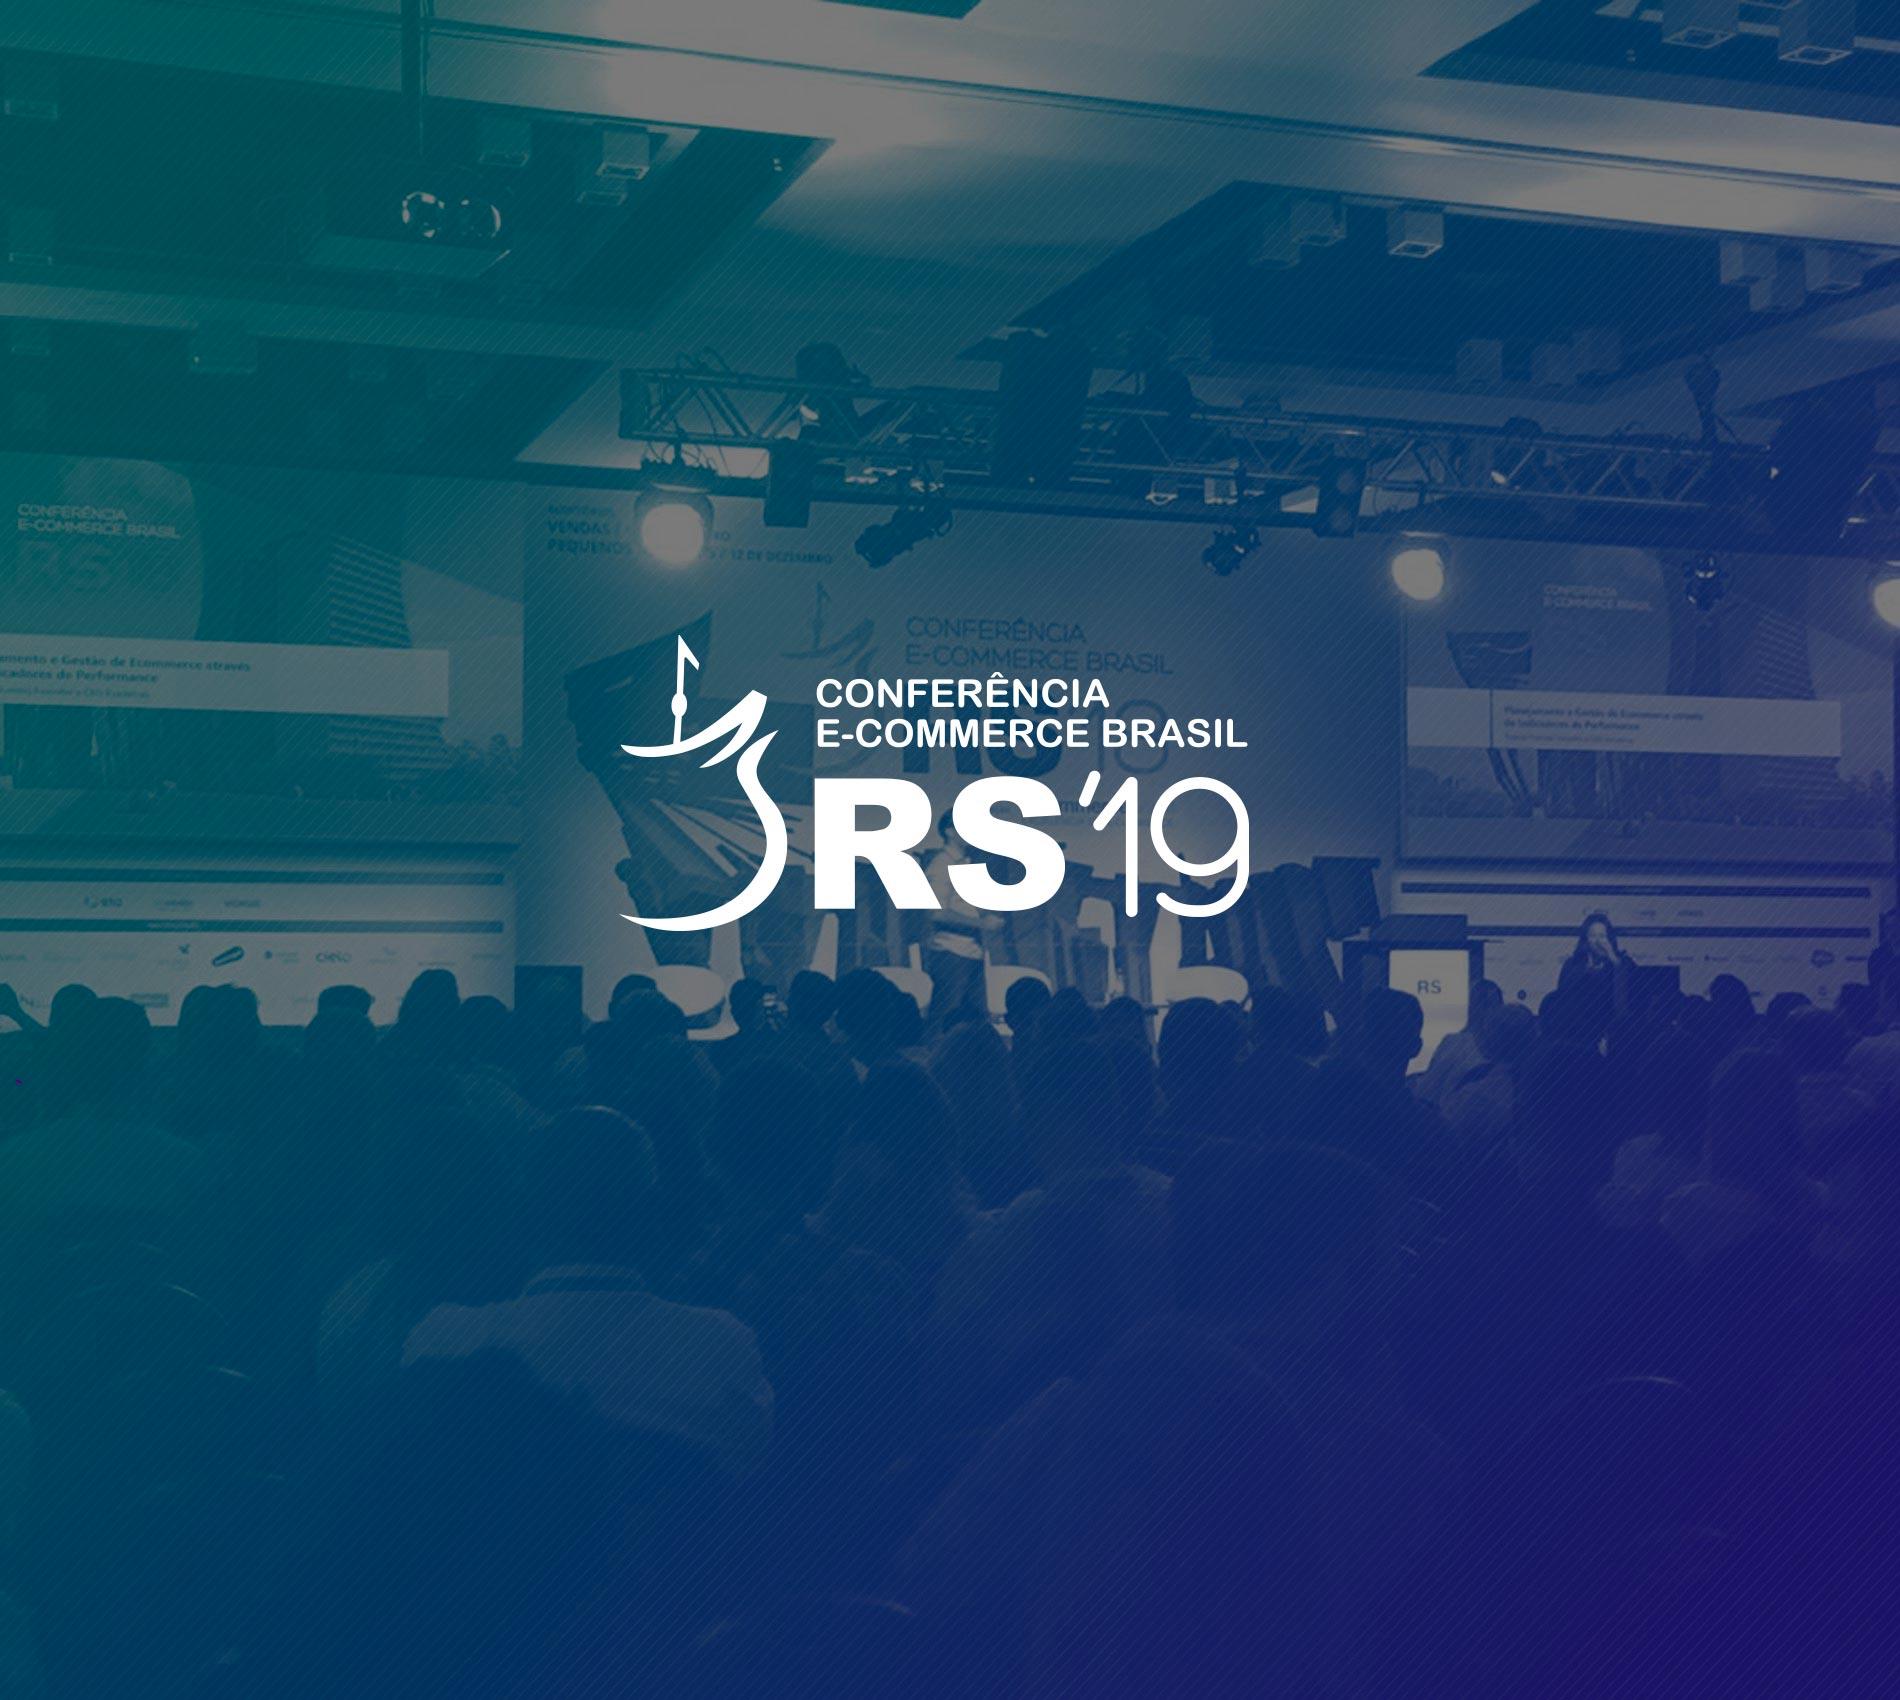 Conferência E-commerce Brasil RS 2019, Porto Alegre